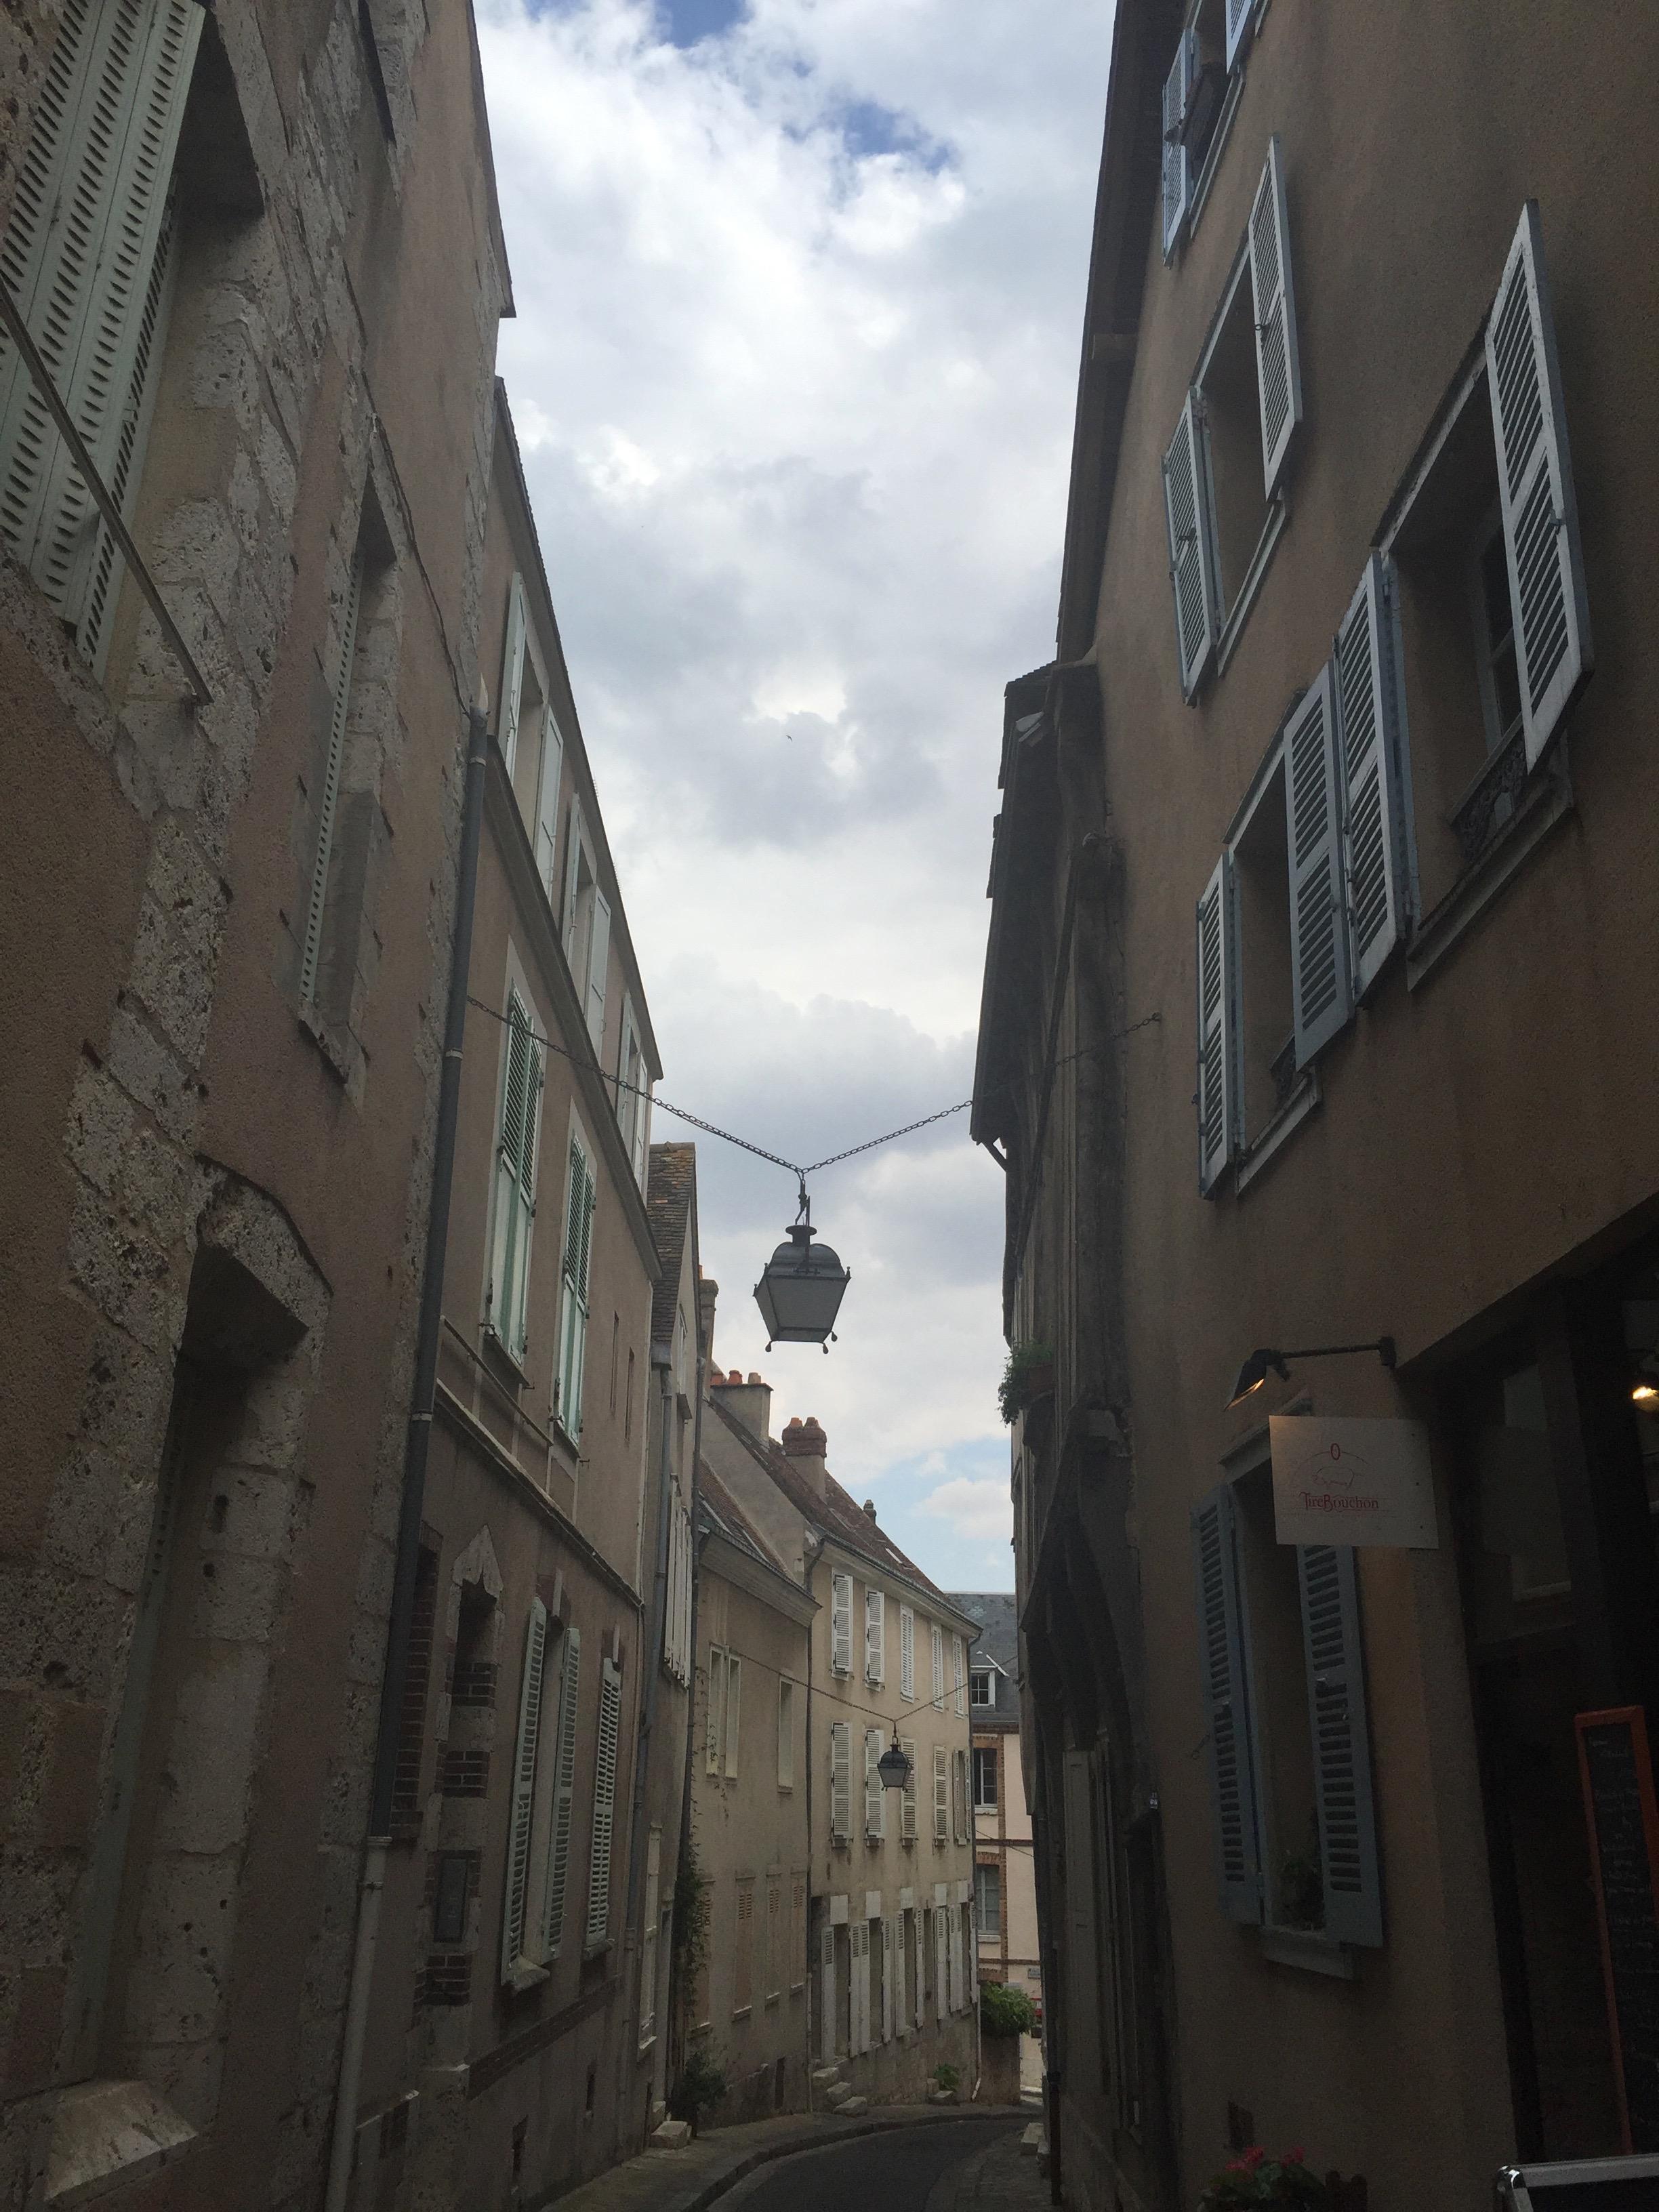 narrow medival streets